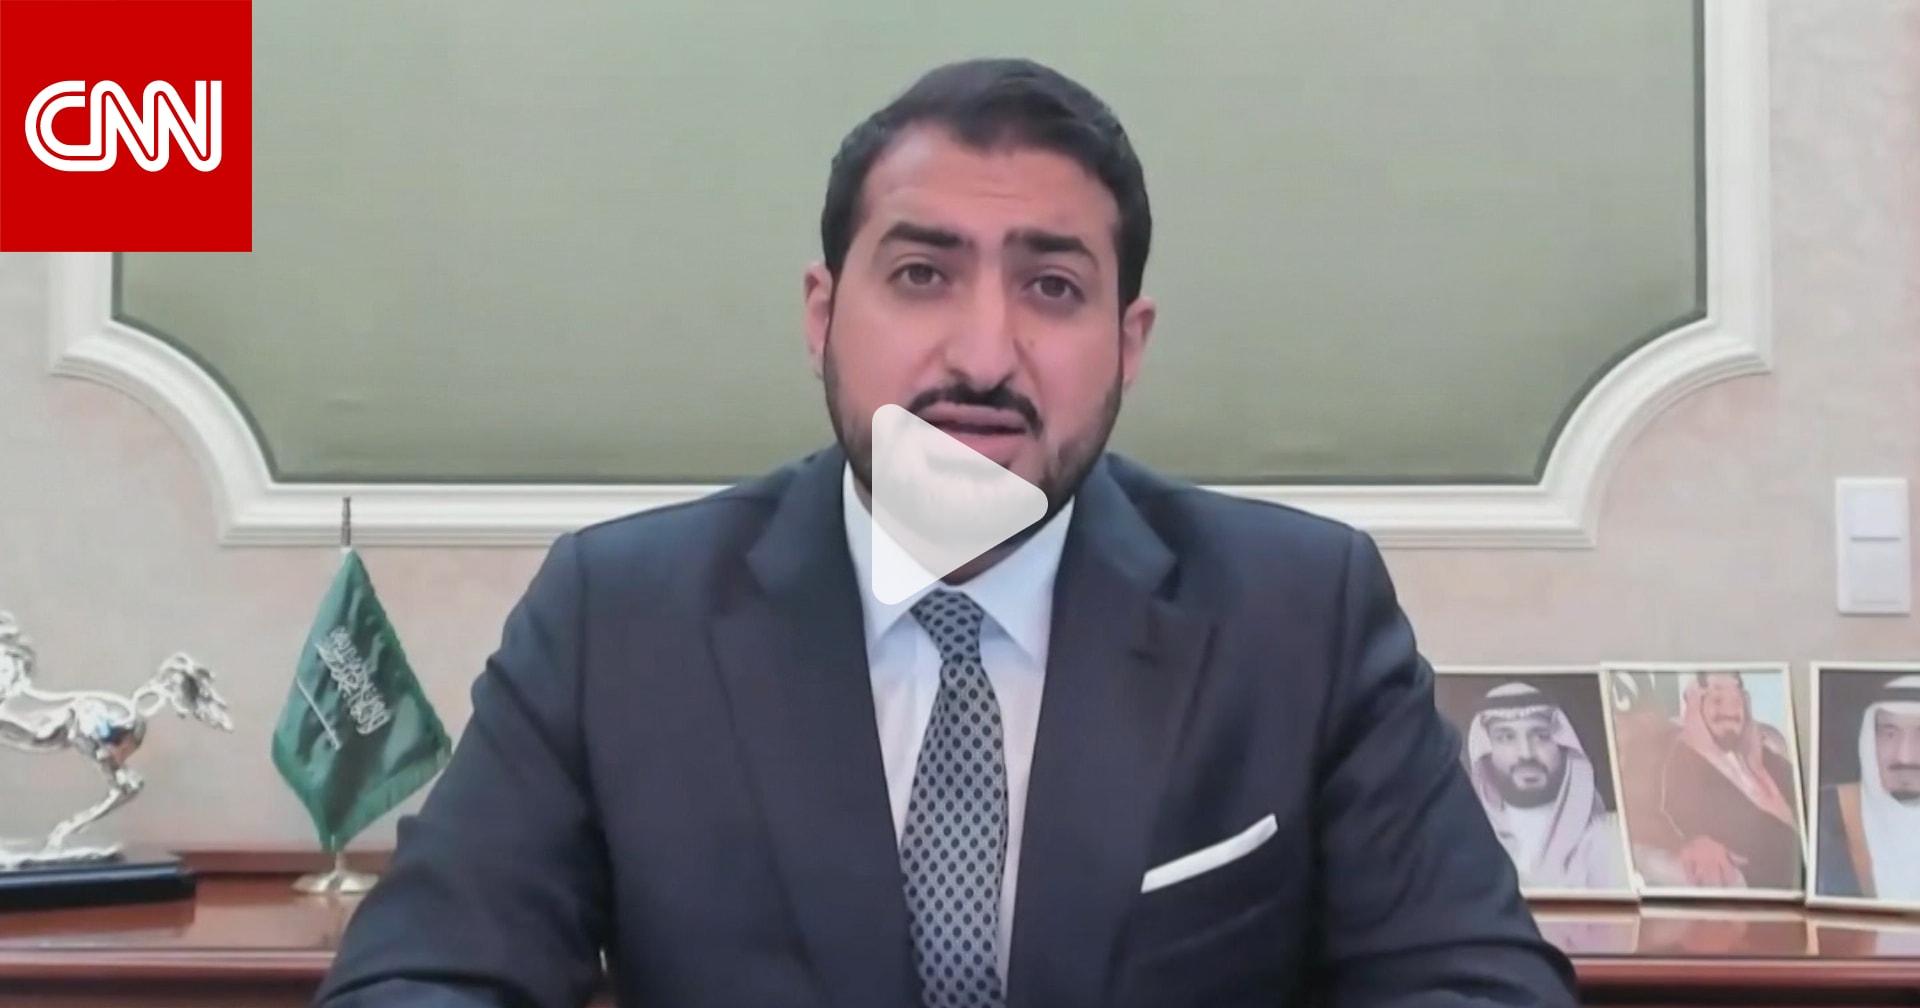 مسؤول سعودي لـCNN عن إدارة بايدن والاتفاق النووي: إيران أثبتت أنها غير جديرة بالثقة